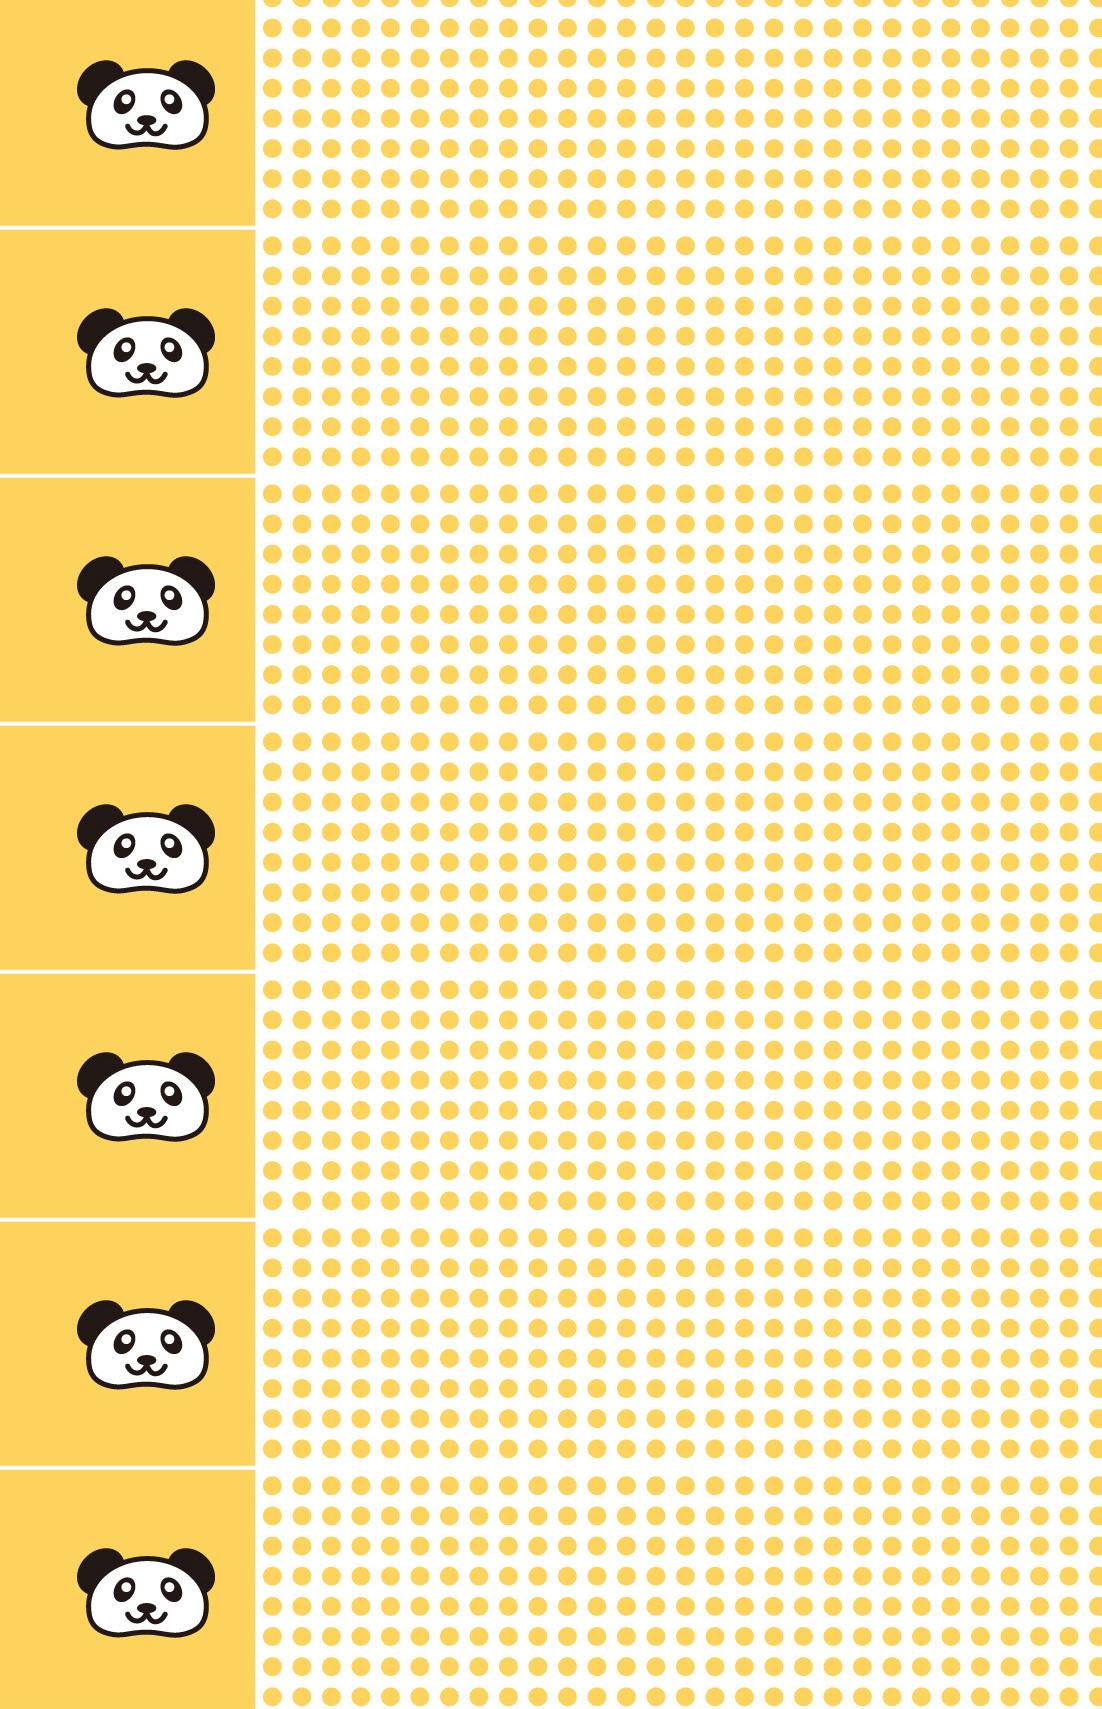 パンダの名前シール イラスト ... : 名前ラベル 素材 : すべての講義